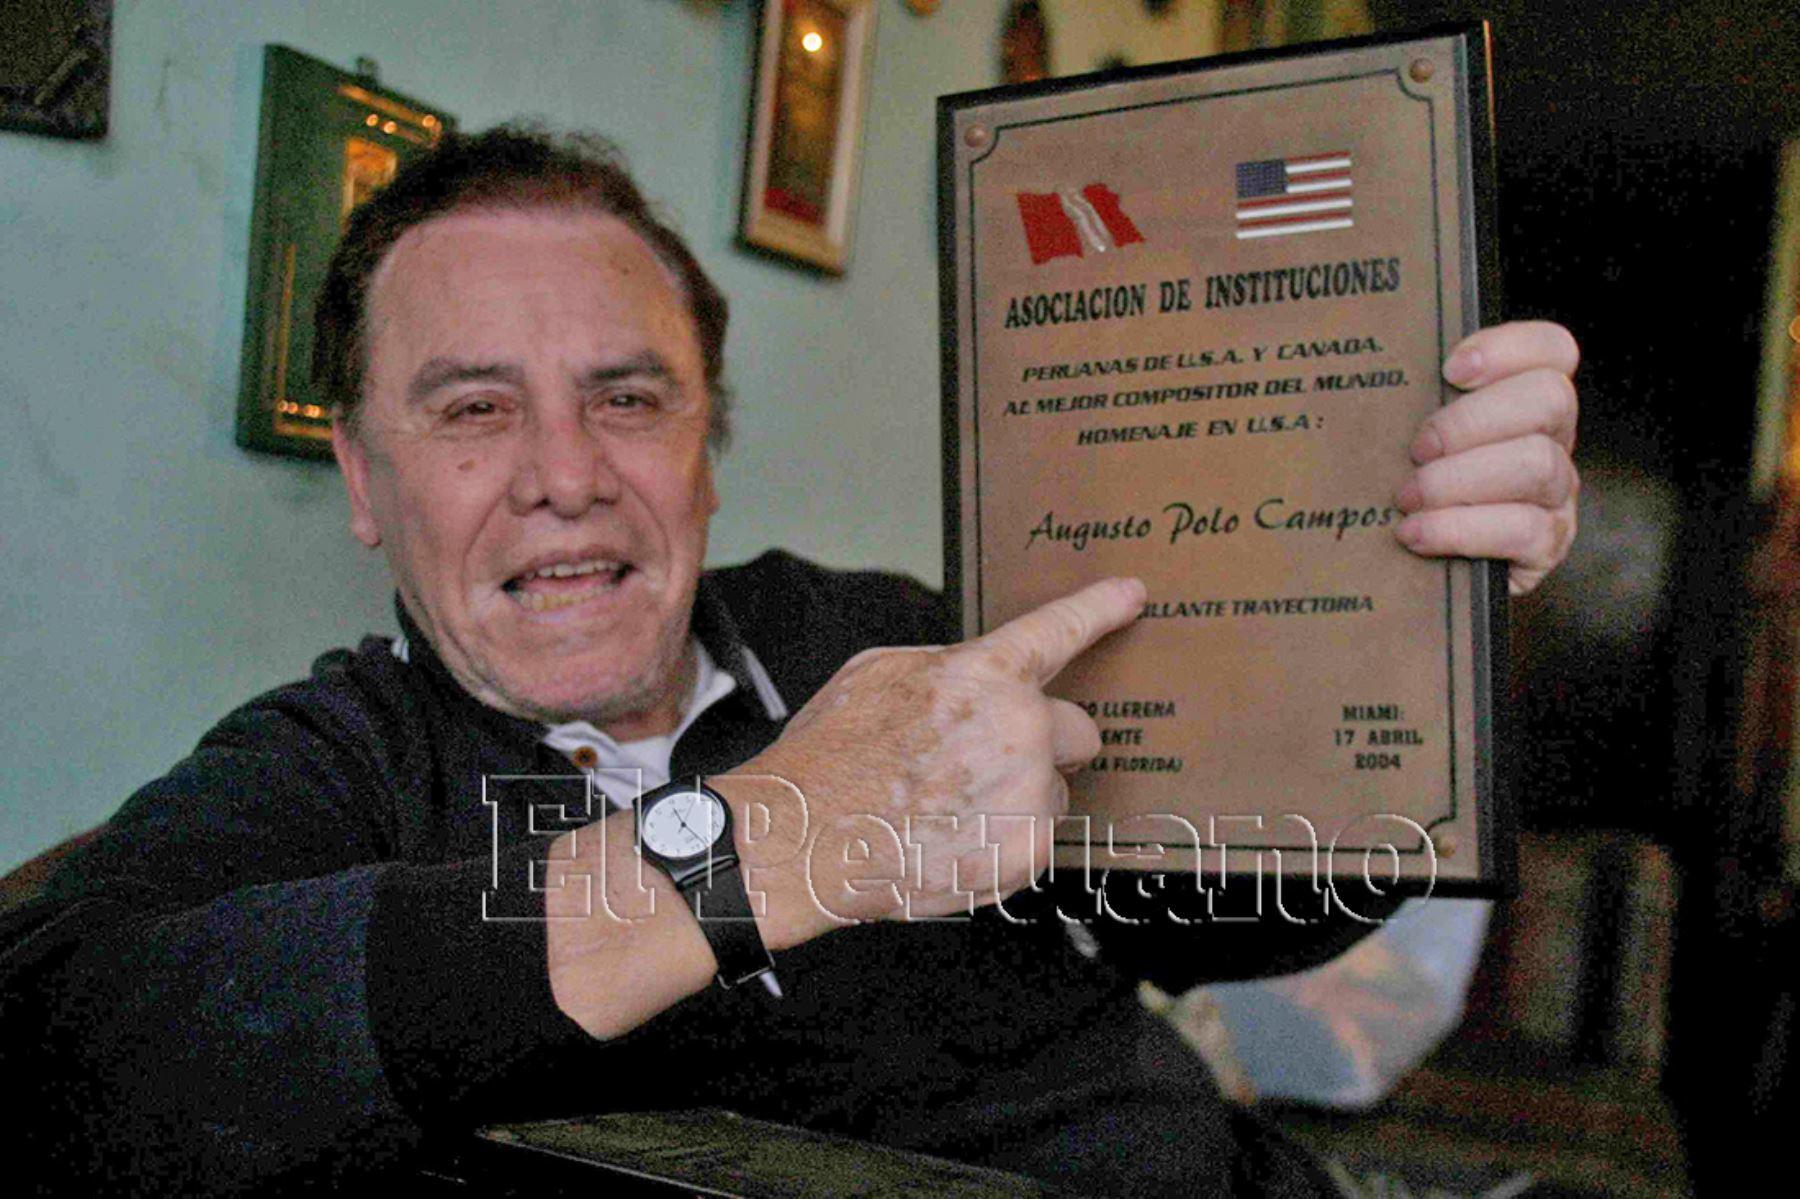 Murió Augusto Polo Campos, una leyenda de la música criolla